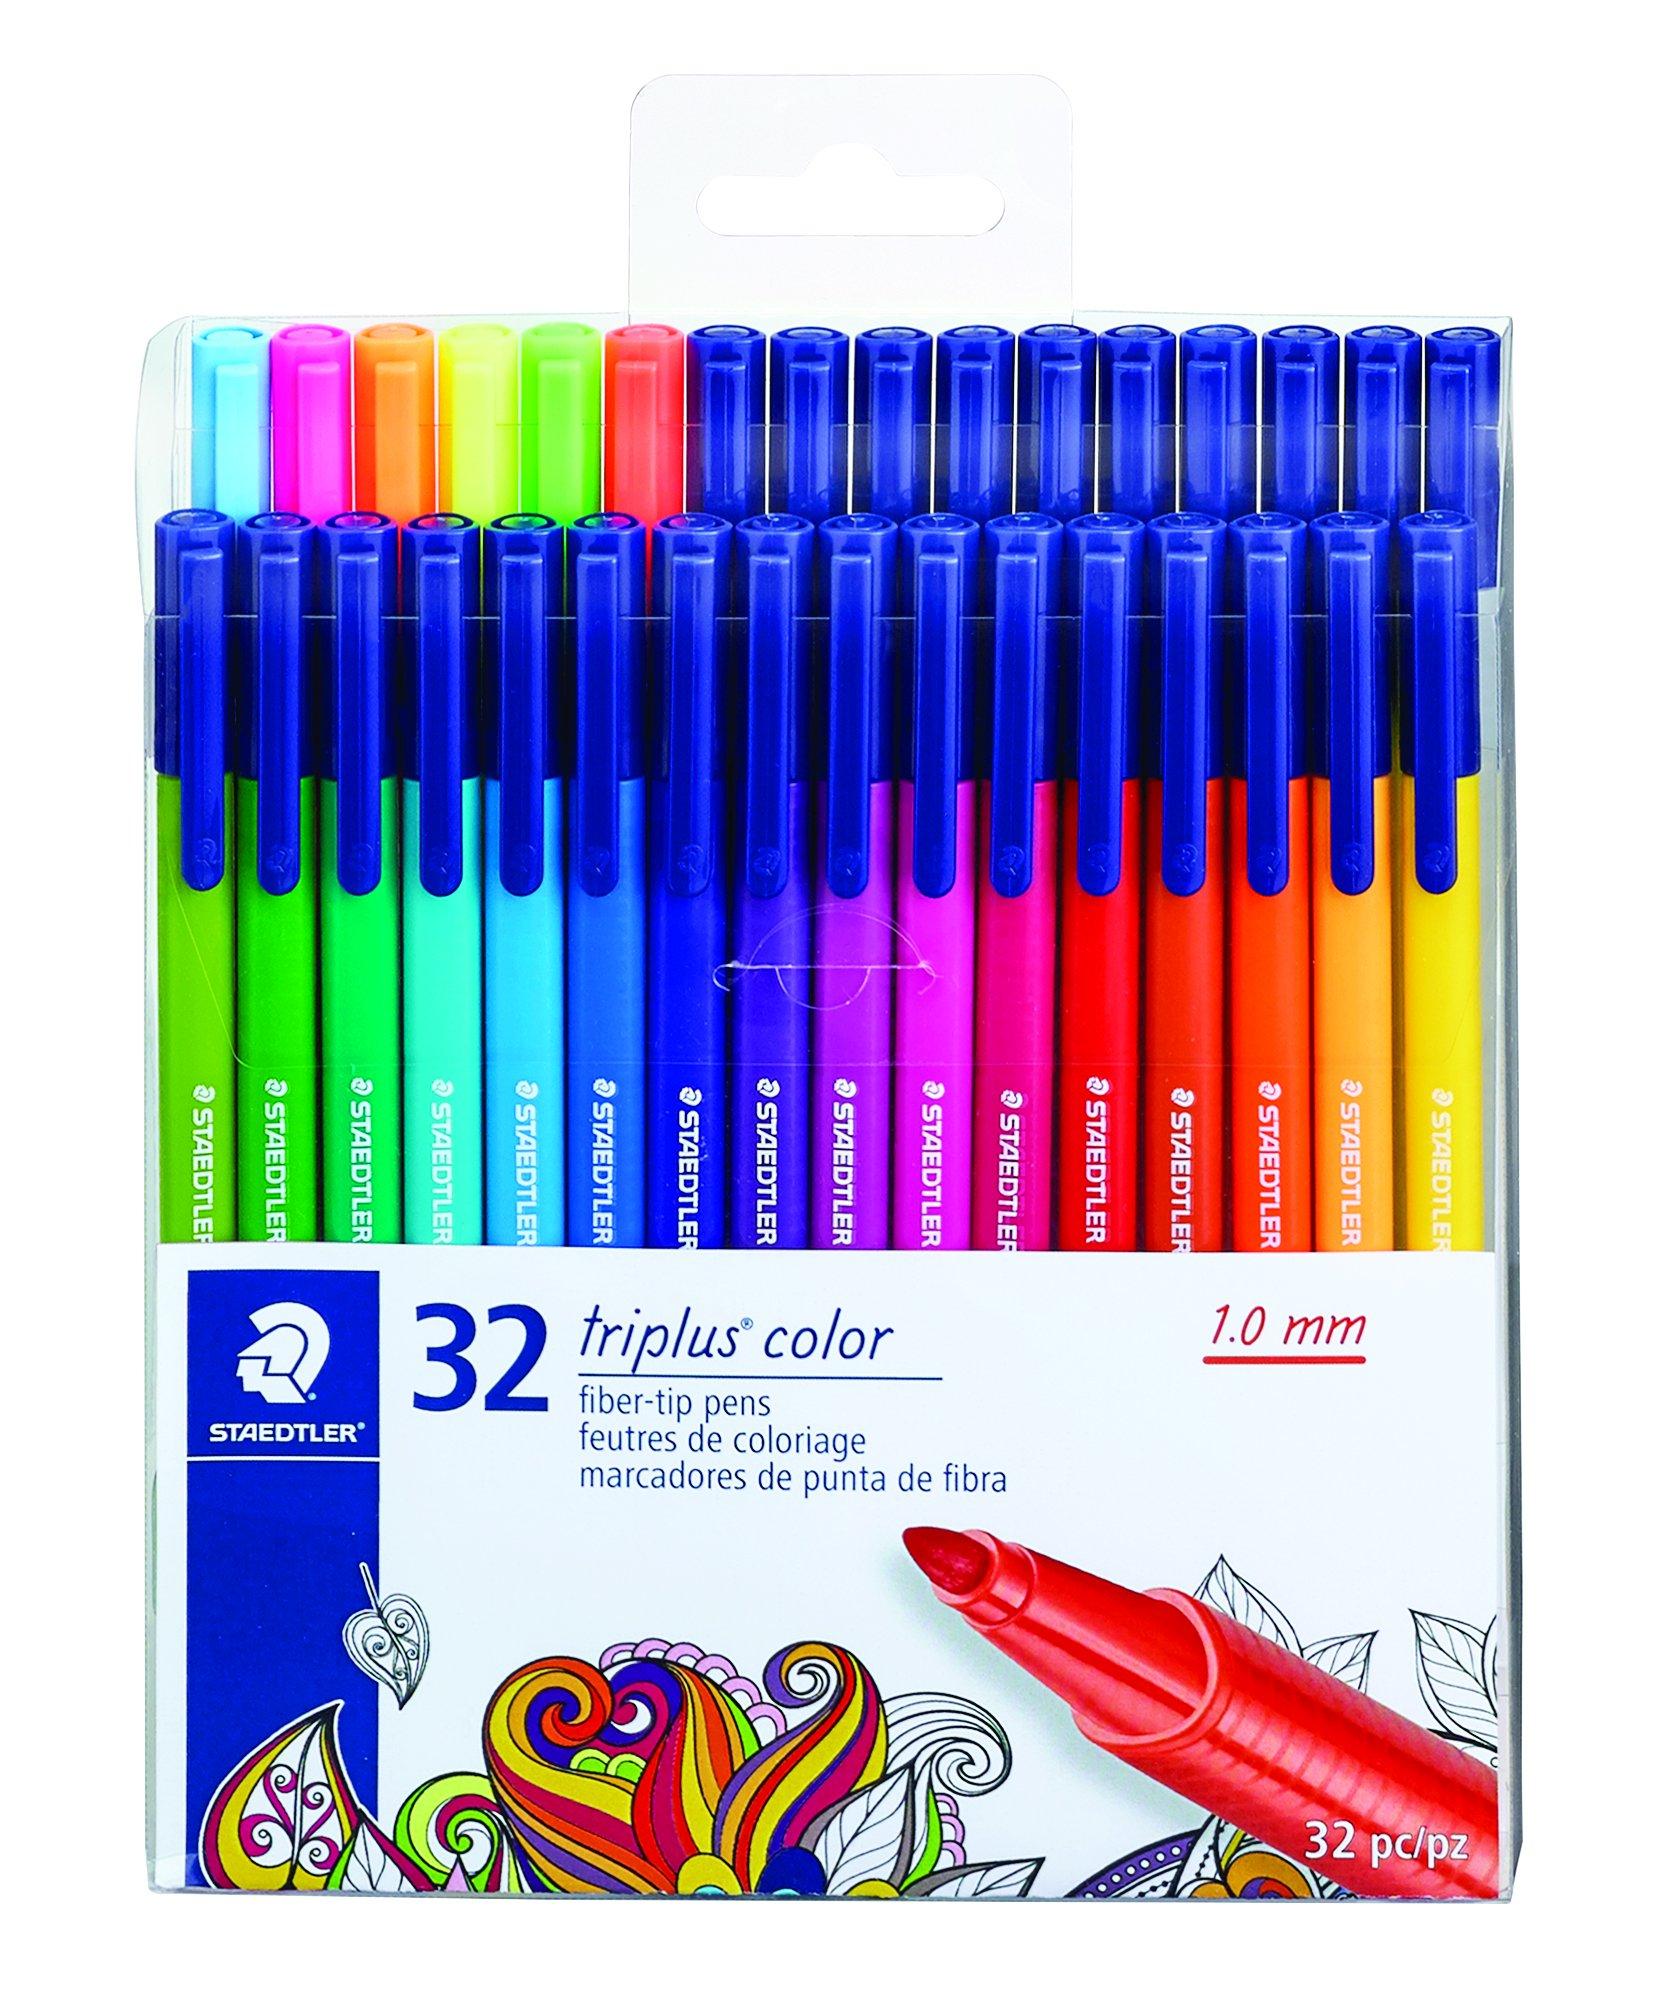 STAEDTLER fiber-tip pens, triplus color, 1mm pressure-resistant tip, washable ink, triangular barrel,  set of 32 vibrant colors, assorted, 323 TB32LU by STAEDTLER